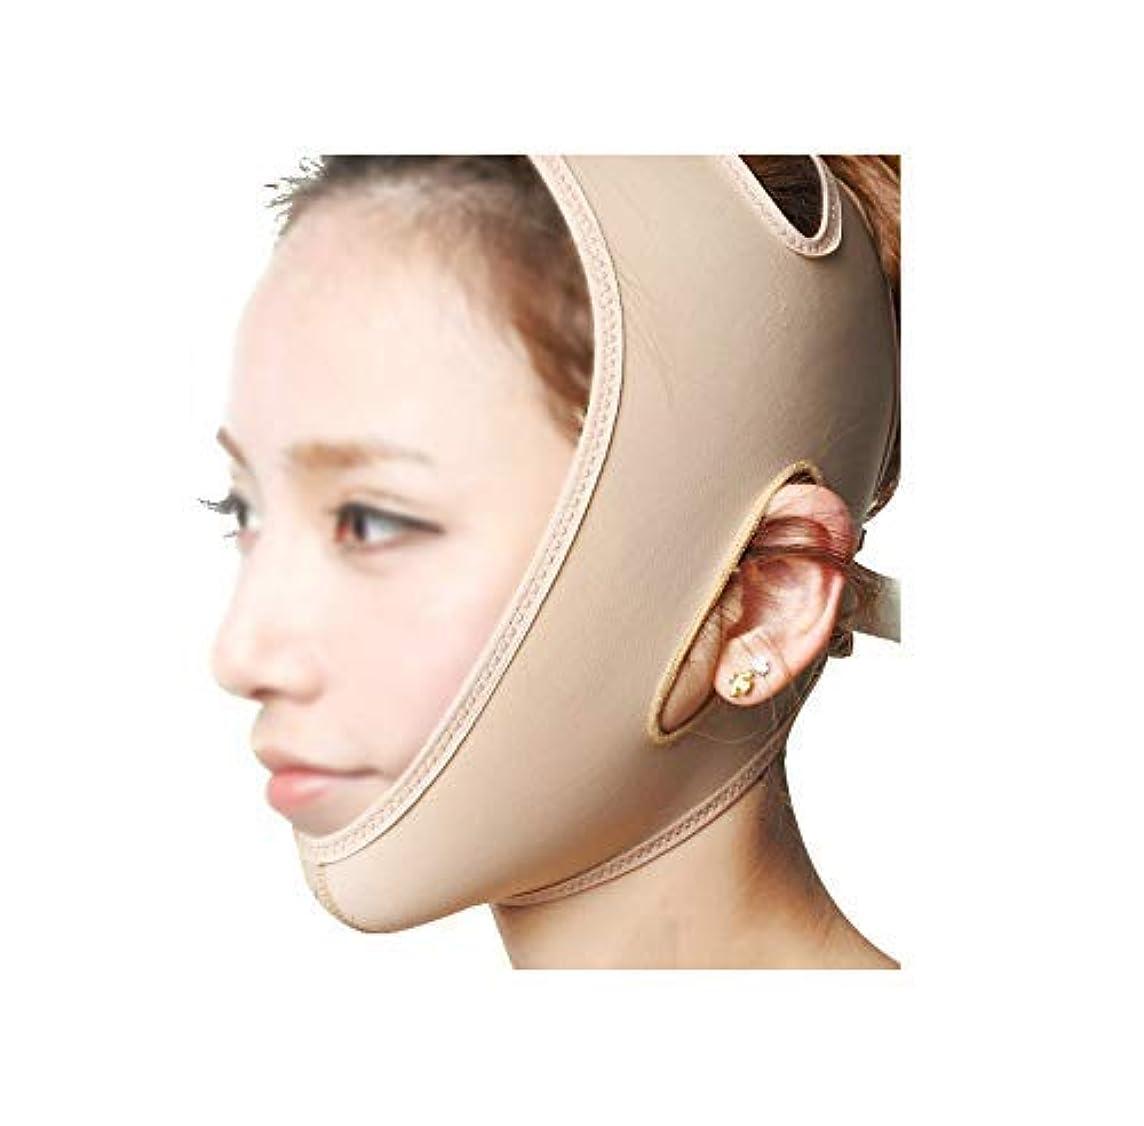 クラッチシルエット識別フェイスリフティングバンデージ、フェイスマスク3Dパネルデザイン、通気性に優れたライクラ素材の物理的なVフェイス、美しい顔の輪郭の作成(サイズ:S),Xl